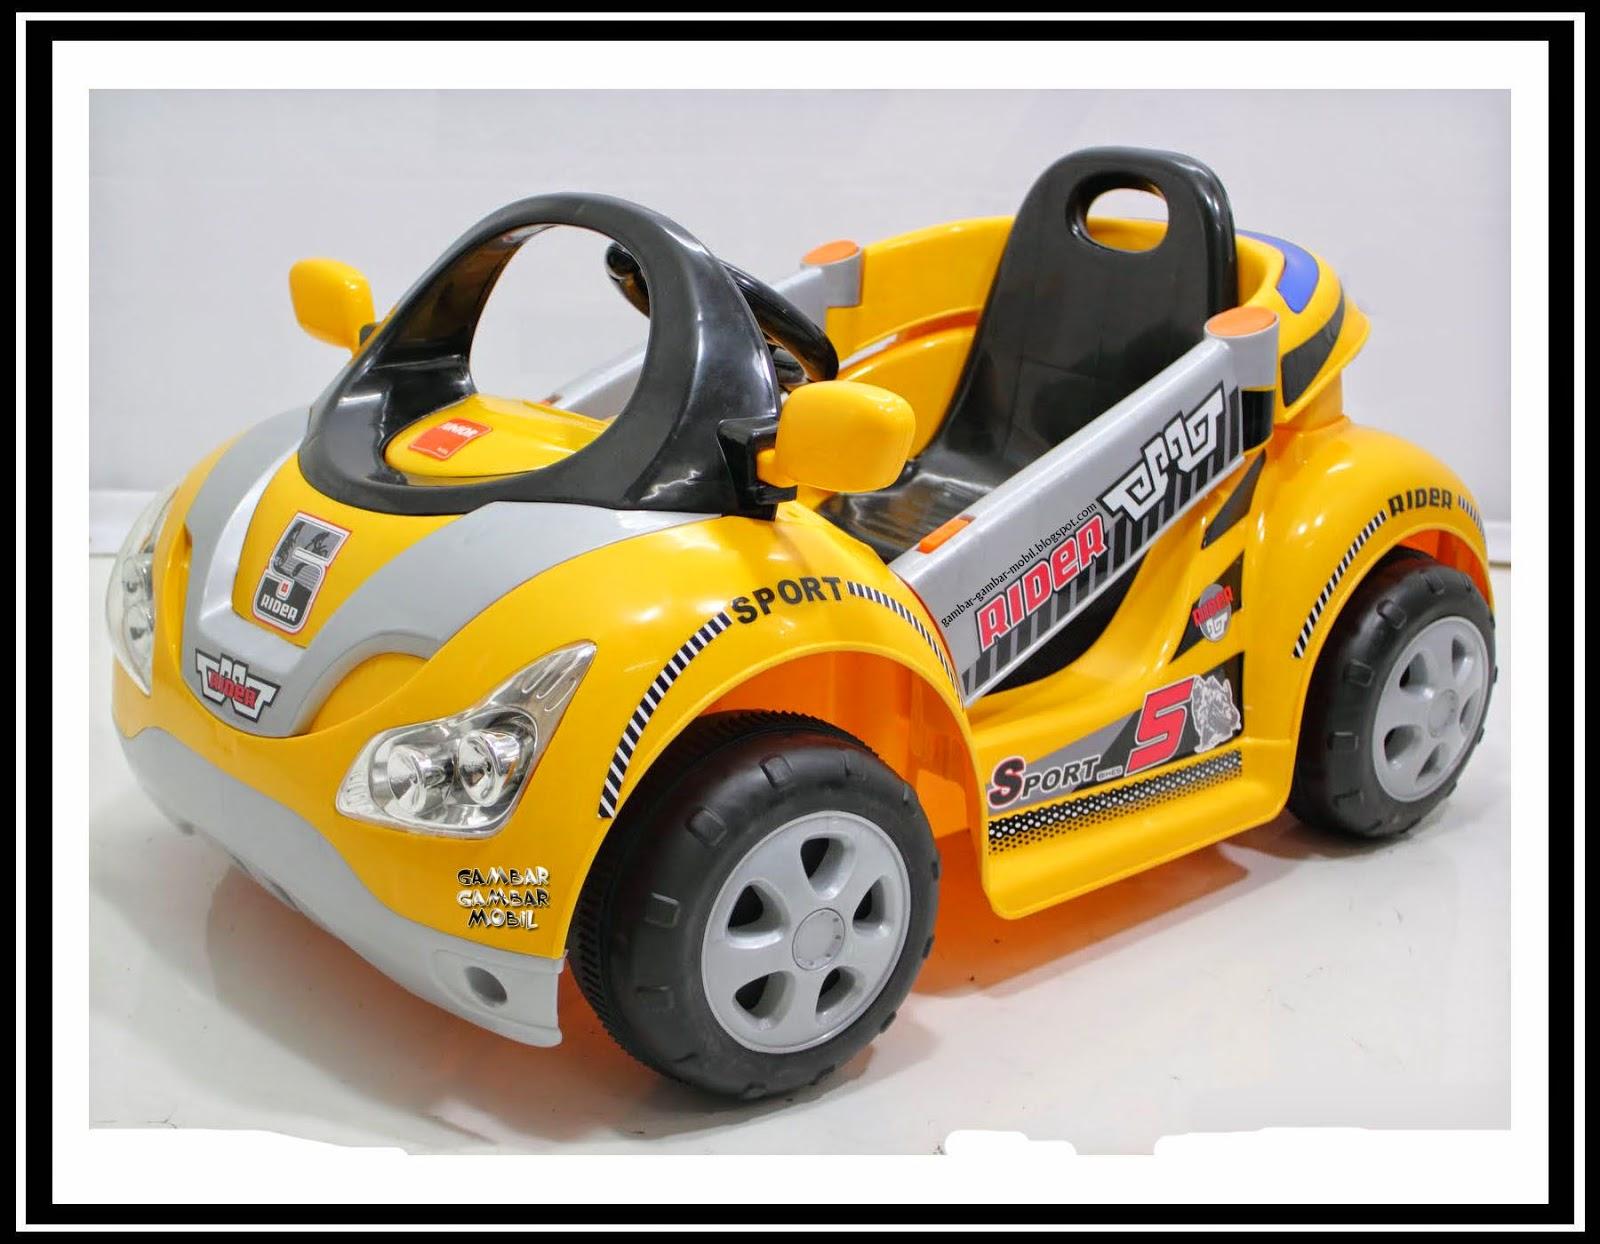 Foto Mobil Mainan Terbaru